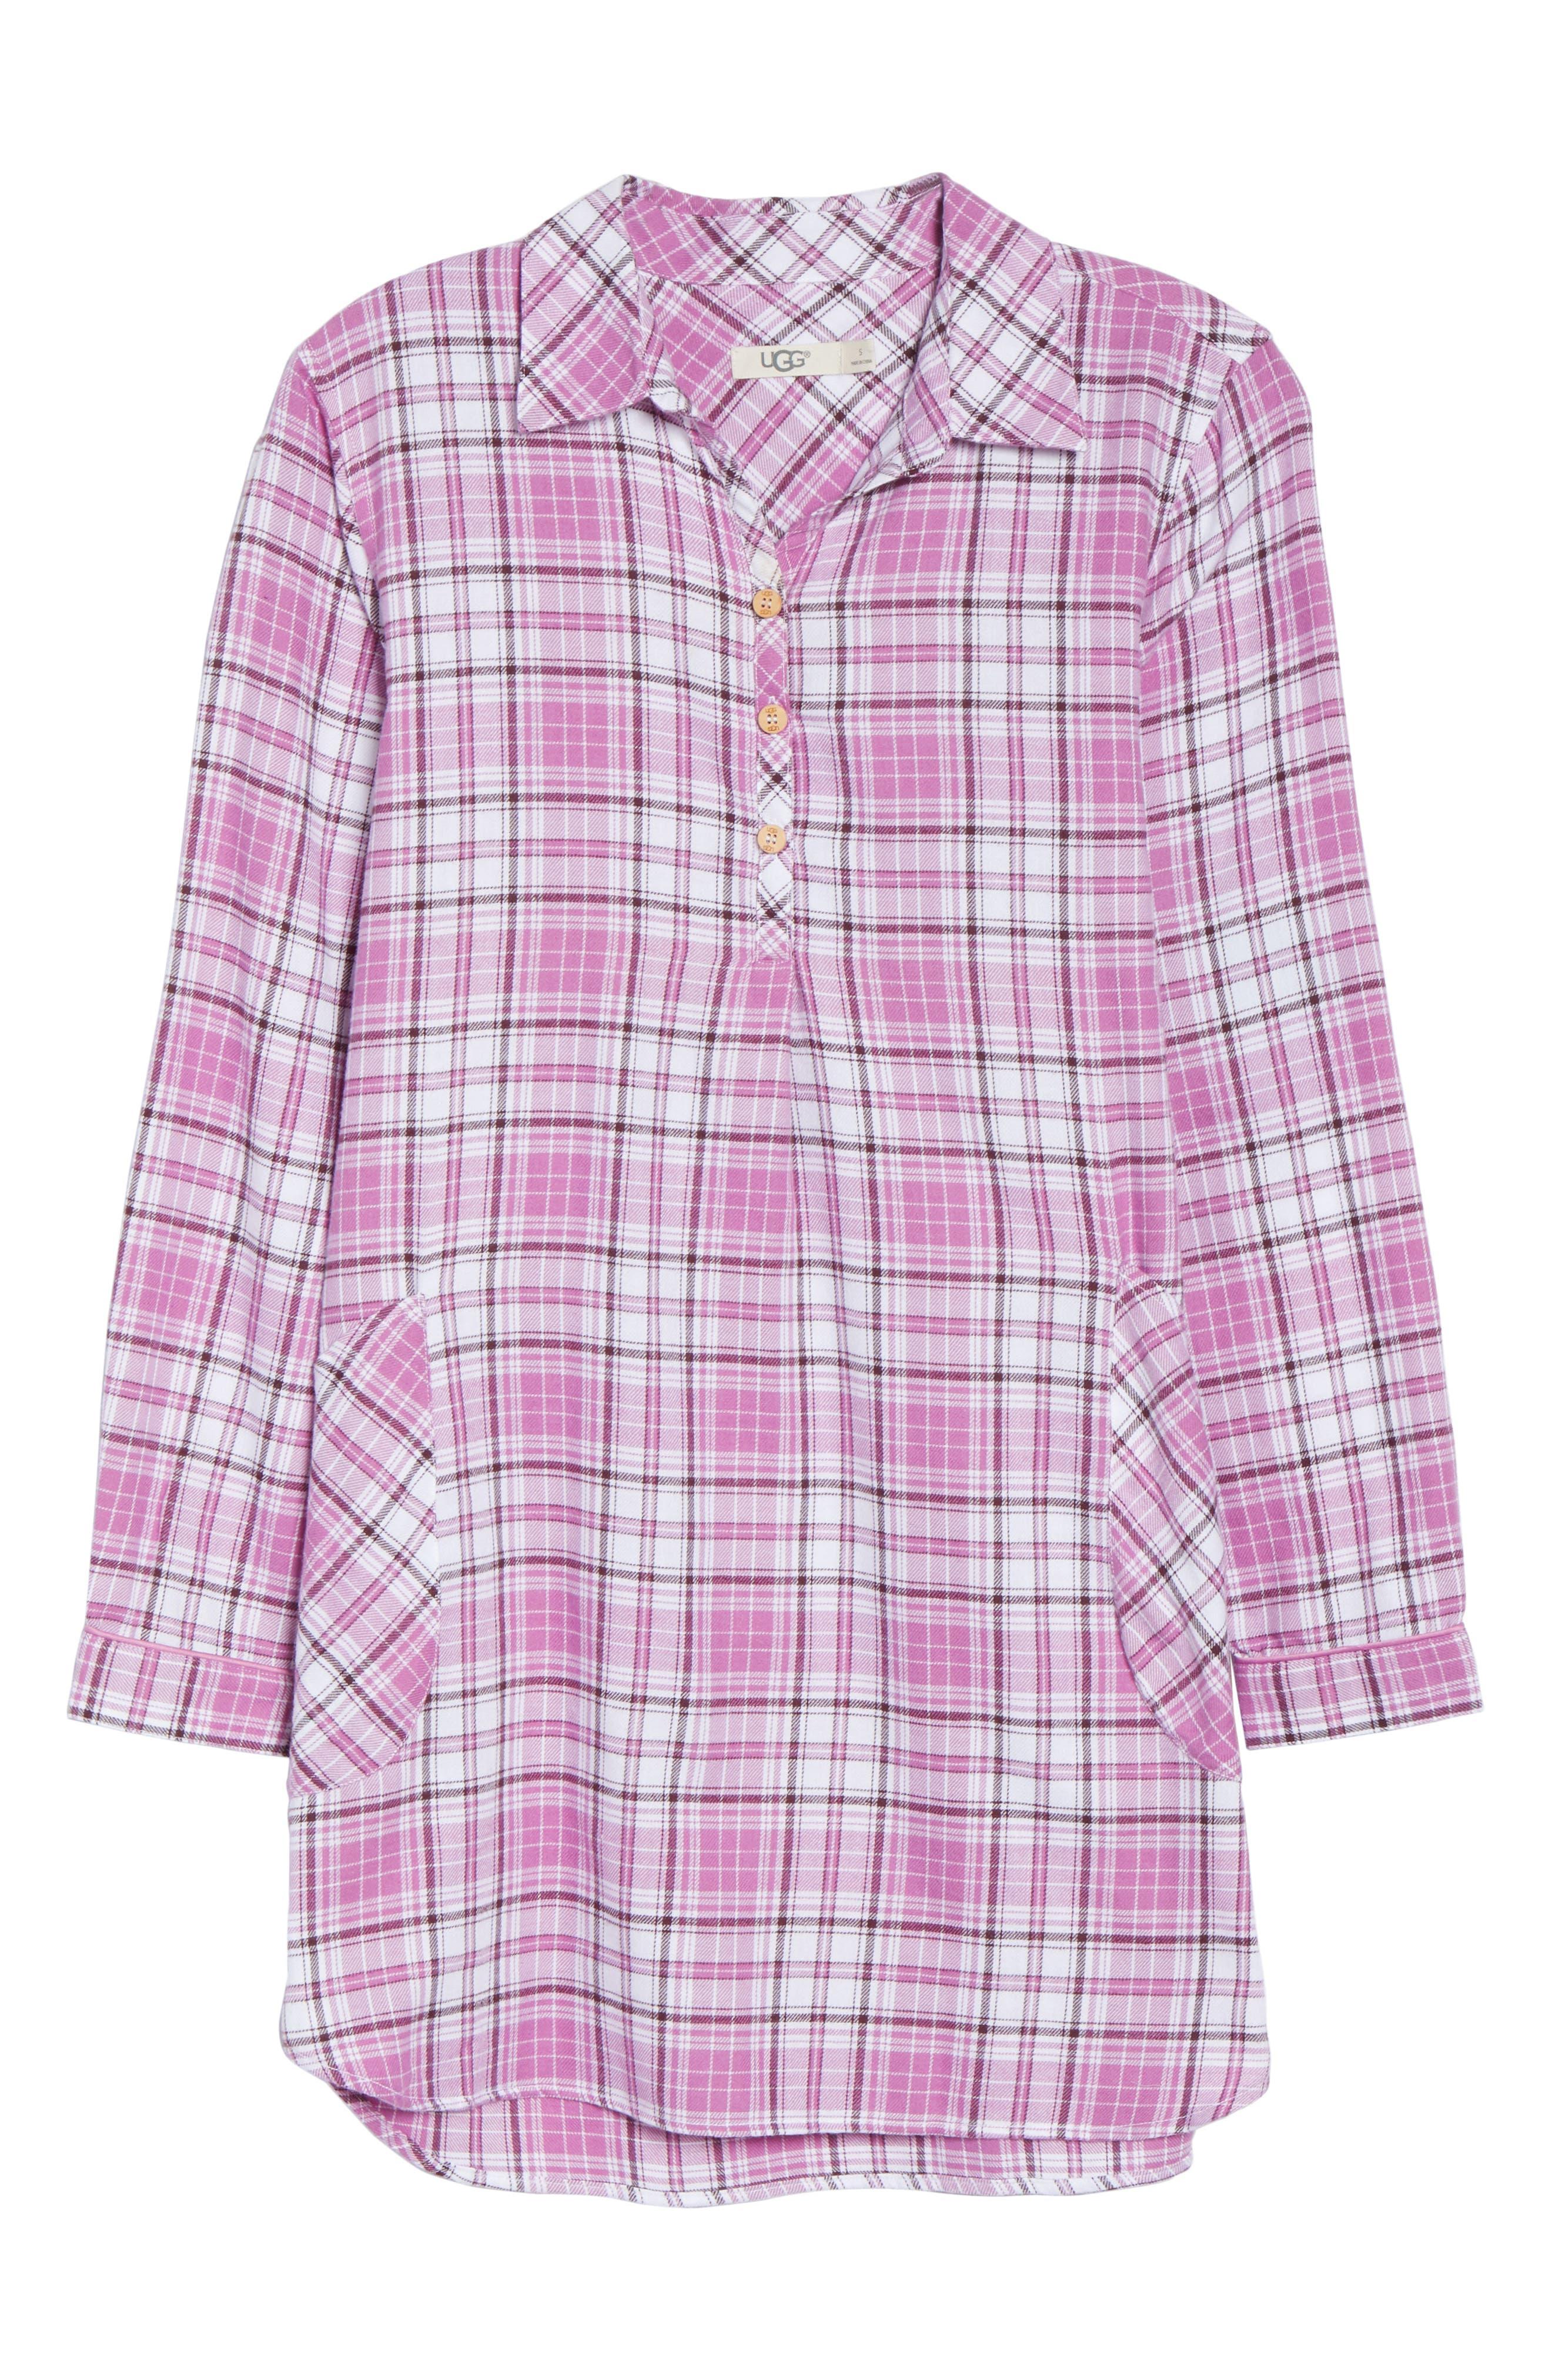 UGG<SUP>®</SUP>, Sleep Shirt & Socks Set, Alternate thumbnail 6, color, BODACIOUS PLAID